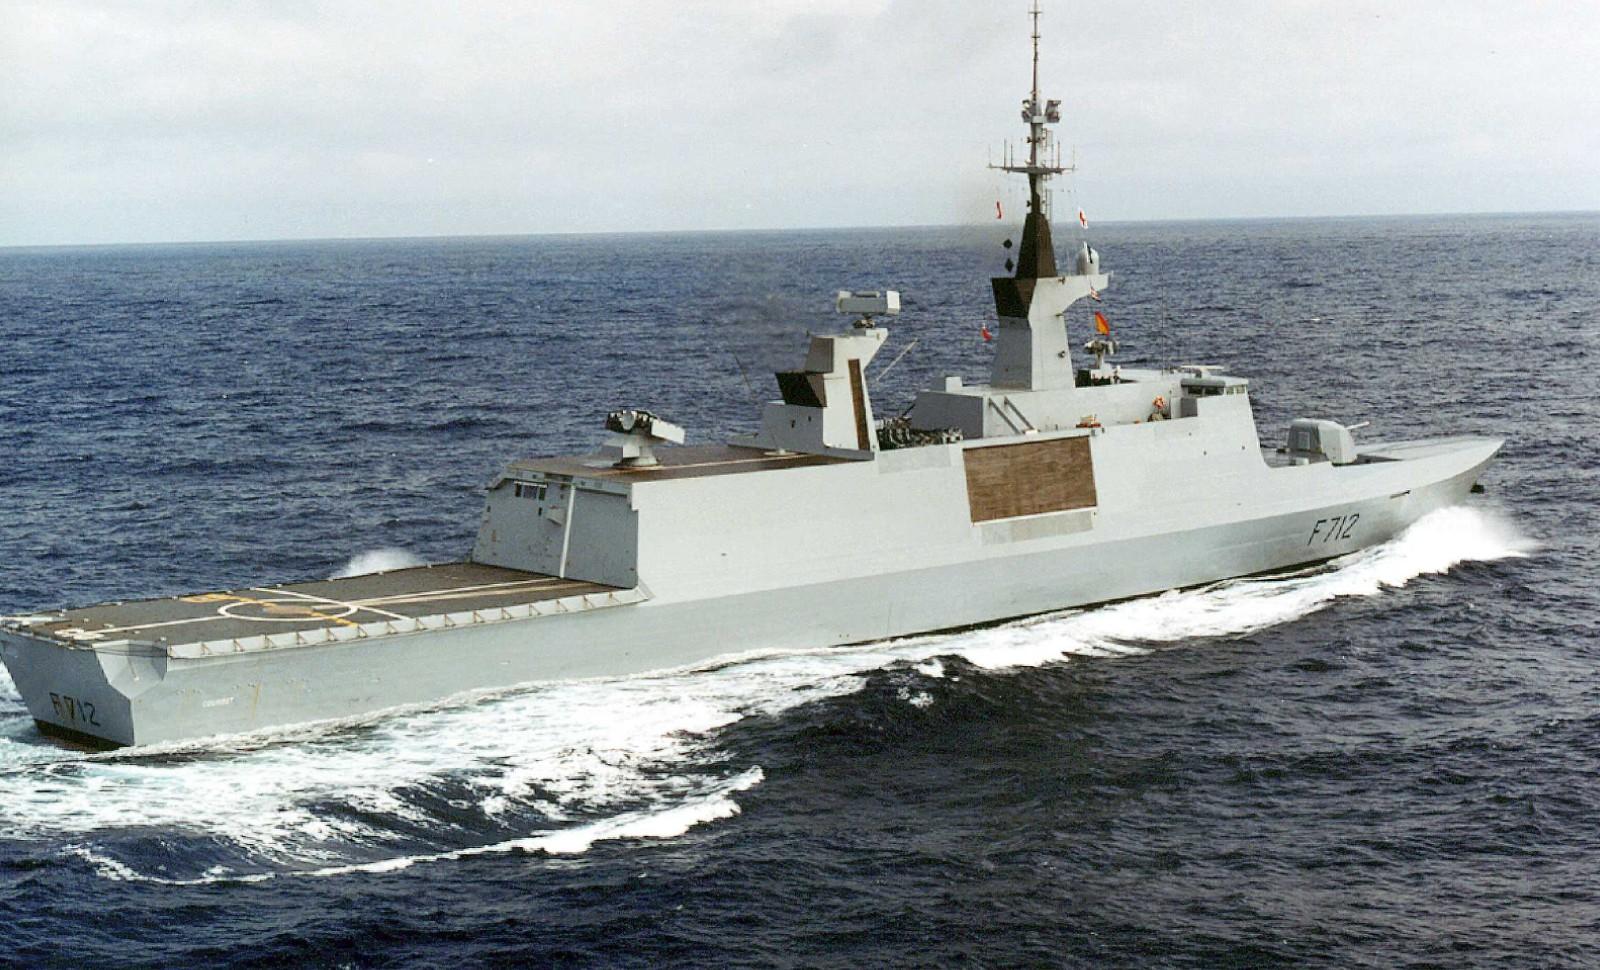 La frégate Courbet, image d'archive, a été la cible d'un grave incident naval avec les Turcs le 10 juin au large de la Libye © SIRPA/SIPA Numéro de reportage: 00434969_000002